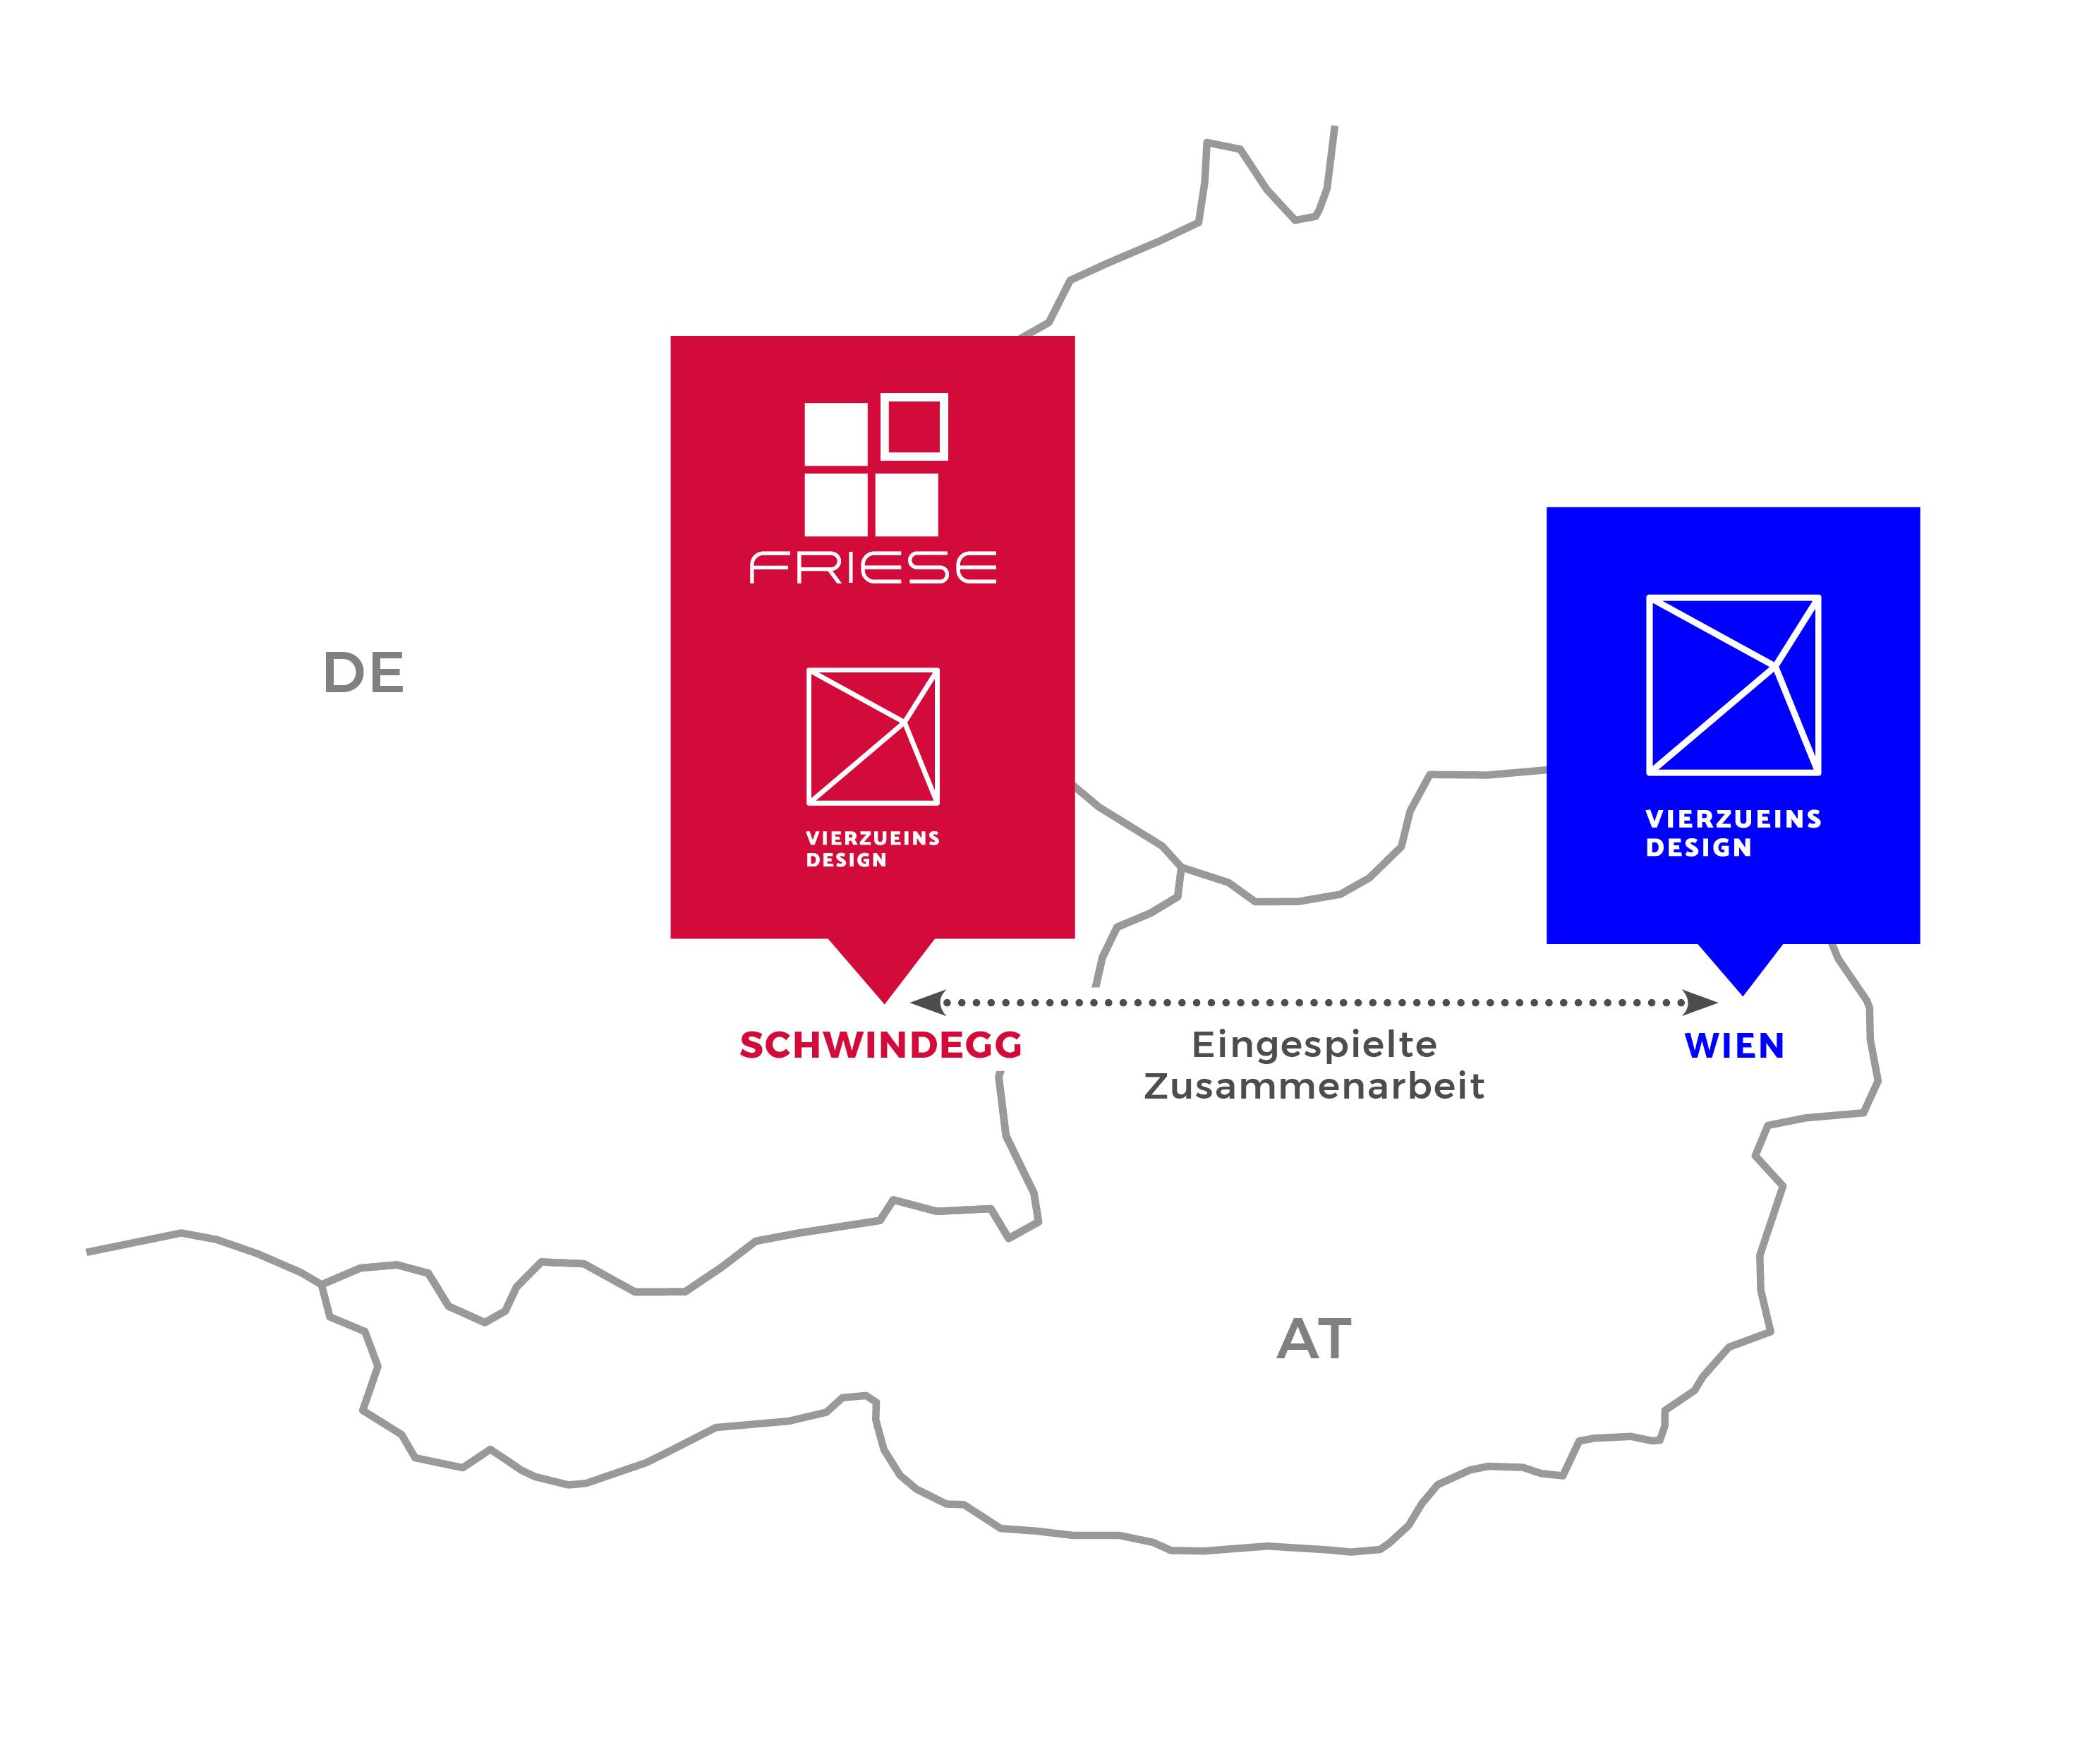 Vierzueins Design Kooperation Tischlerei Friese